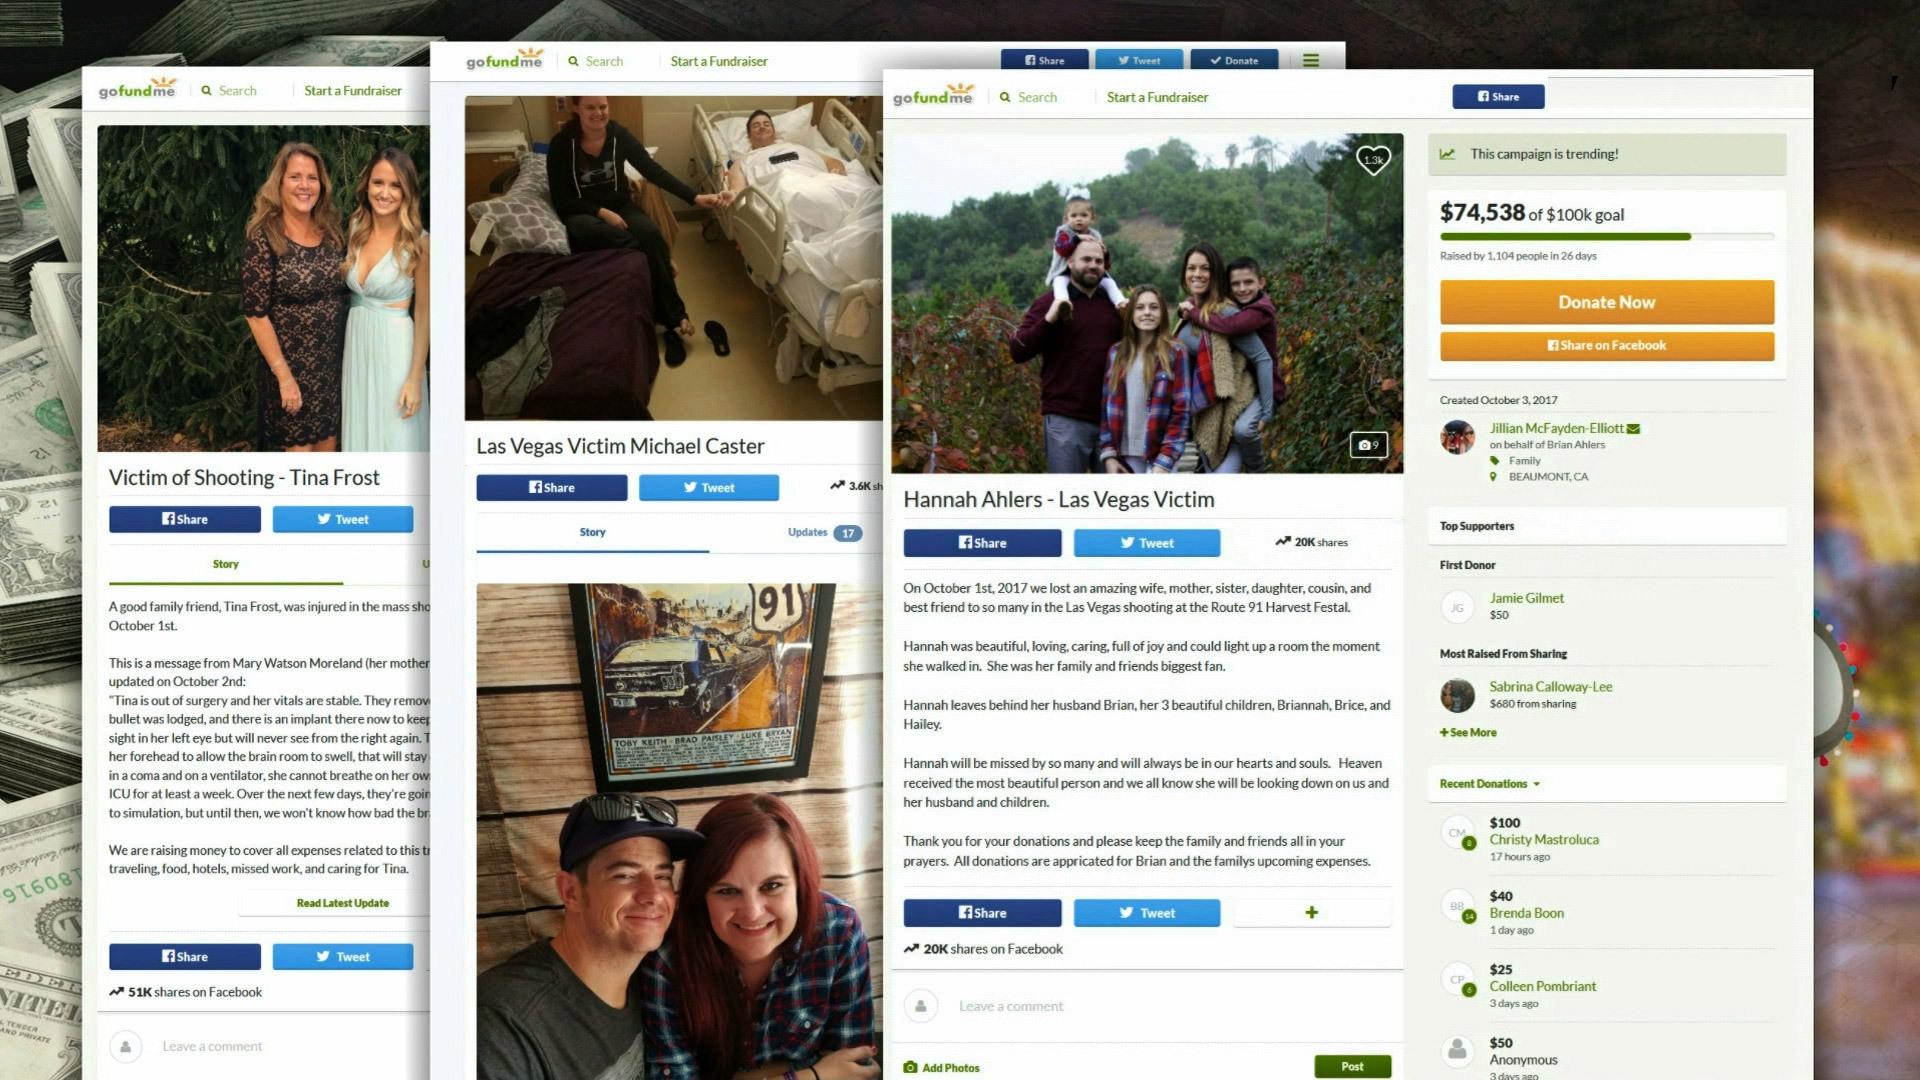 darmowe mobilne serwisy randkowe online Południowa Afryka